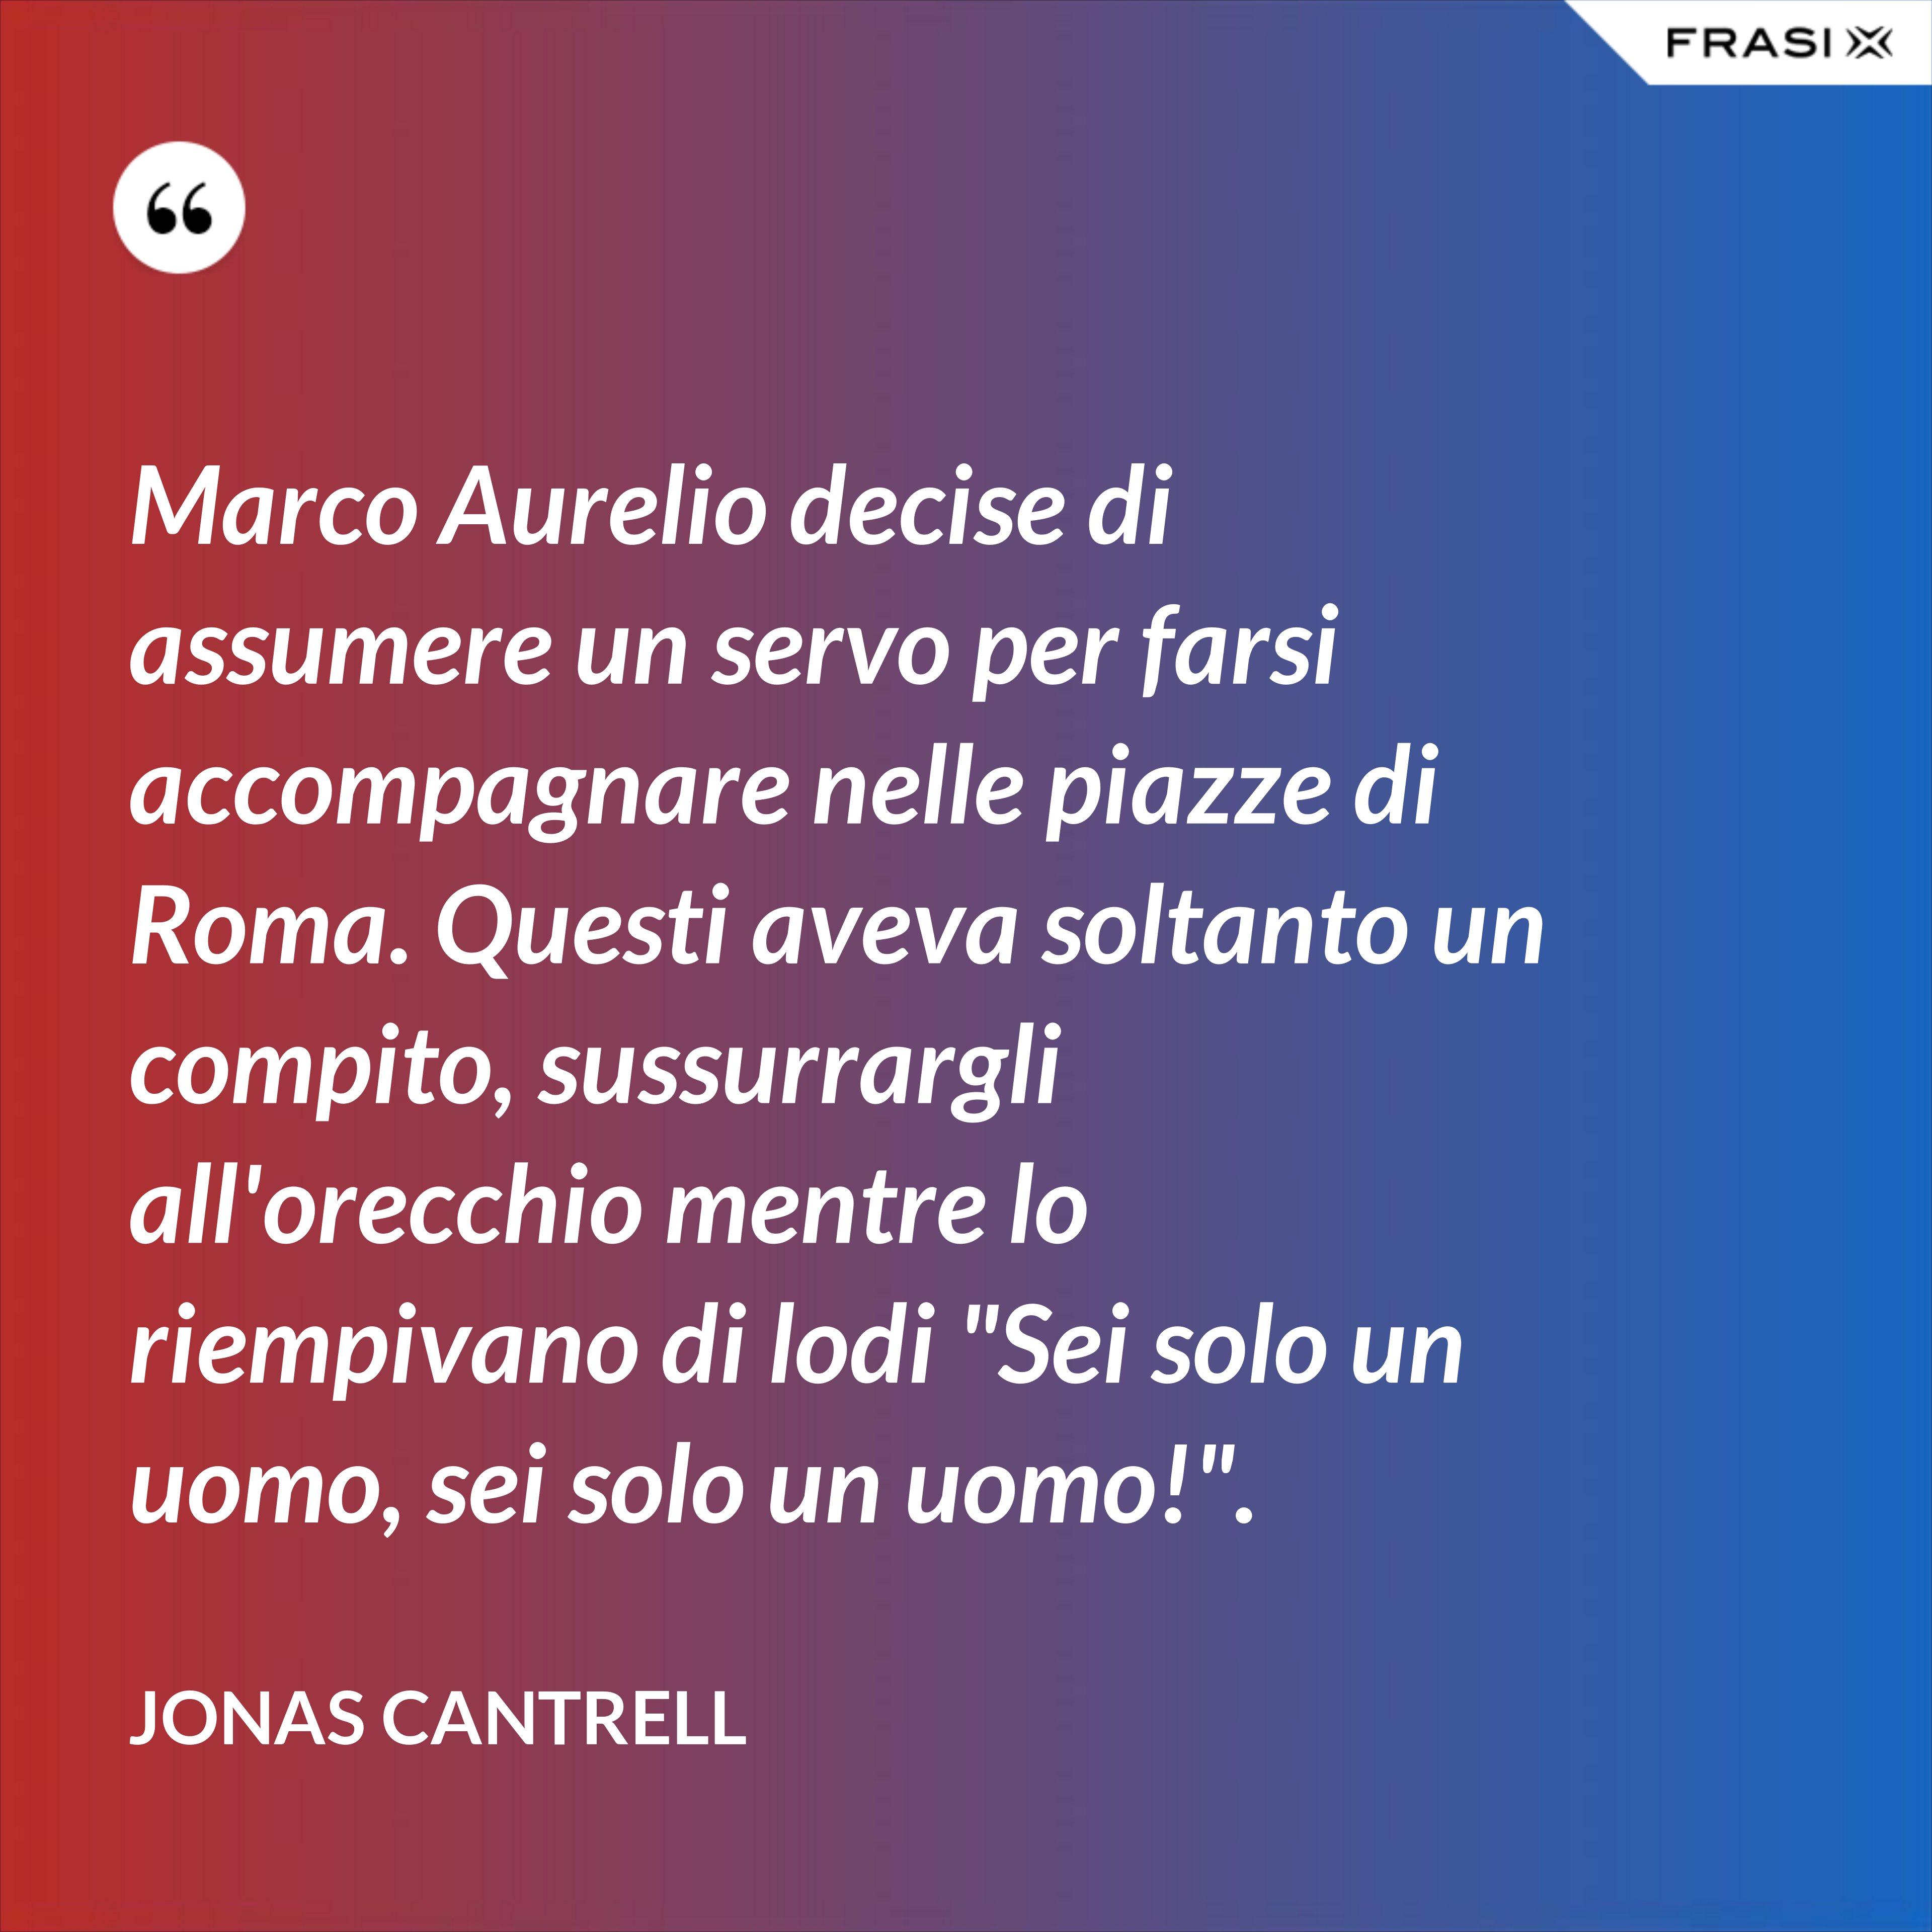 """Marco Aurelio decise di assumere un servo per farsi accompagnare nelle piazze di Roma. Questi aveva soltanto un compito, sussurrargli all'orecchio mentre lo riempivano di lodi """"Sei solo un uomo, sei solo un uomo!"""". - Jonas Cantrell"""